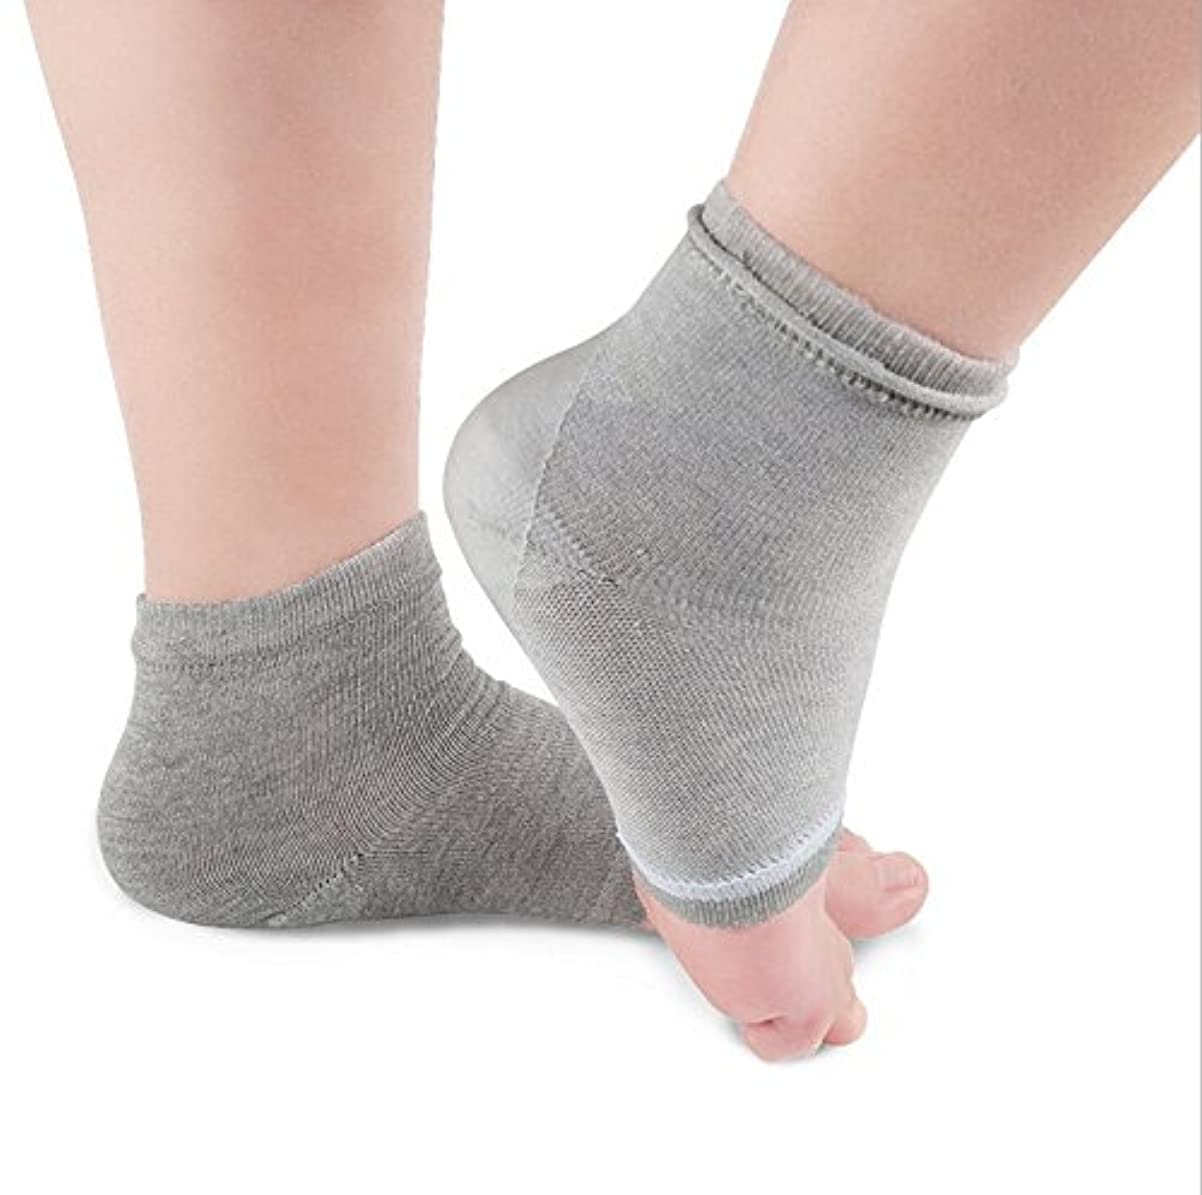 ジュラシックパークランタン柔らかいQIAONAI レディース用 メンズ用 踵用カバー かかと 靴下 かかと ケア つるつる すべすべ 靴下 ソックス 角質ケア 保湿 角質除去 足ケア かかと 靴下 足首用サポーター  フリーサイズ (グレー)